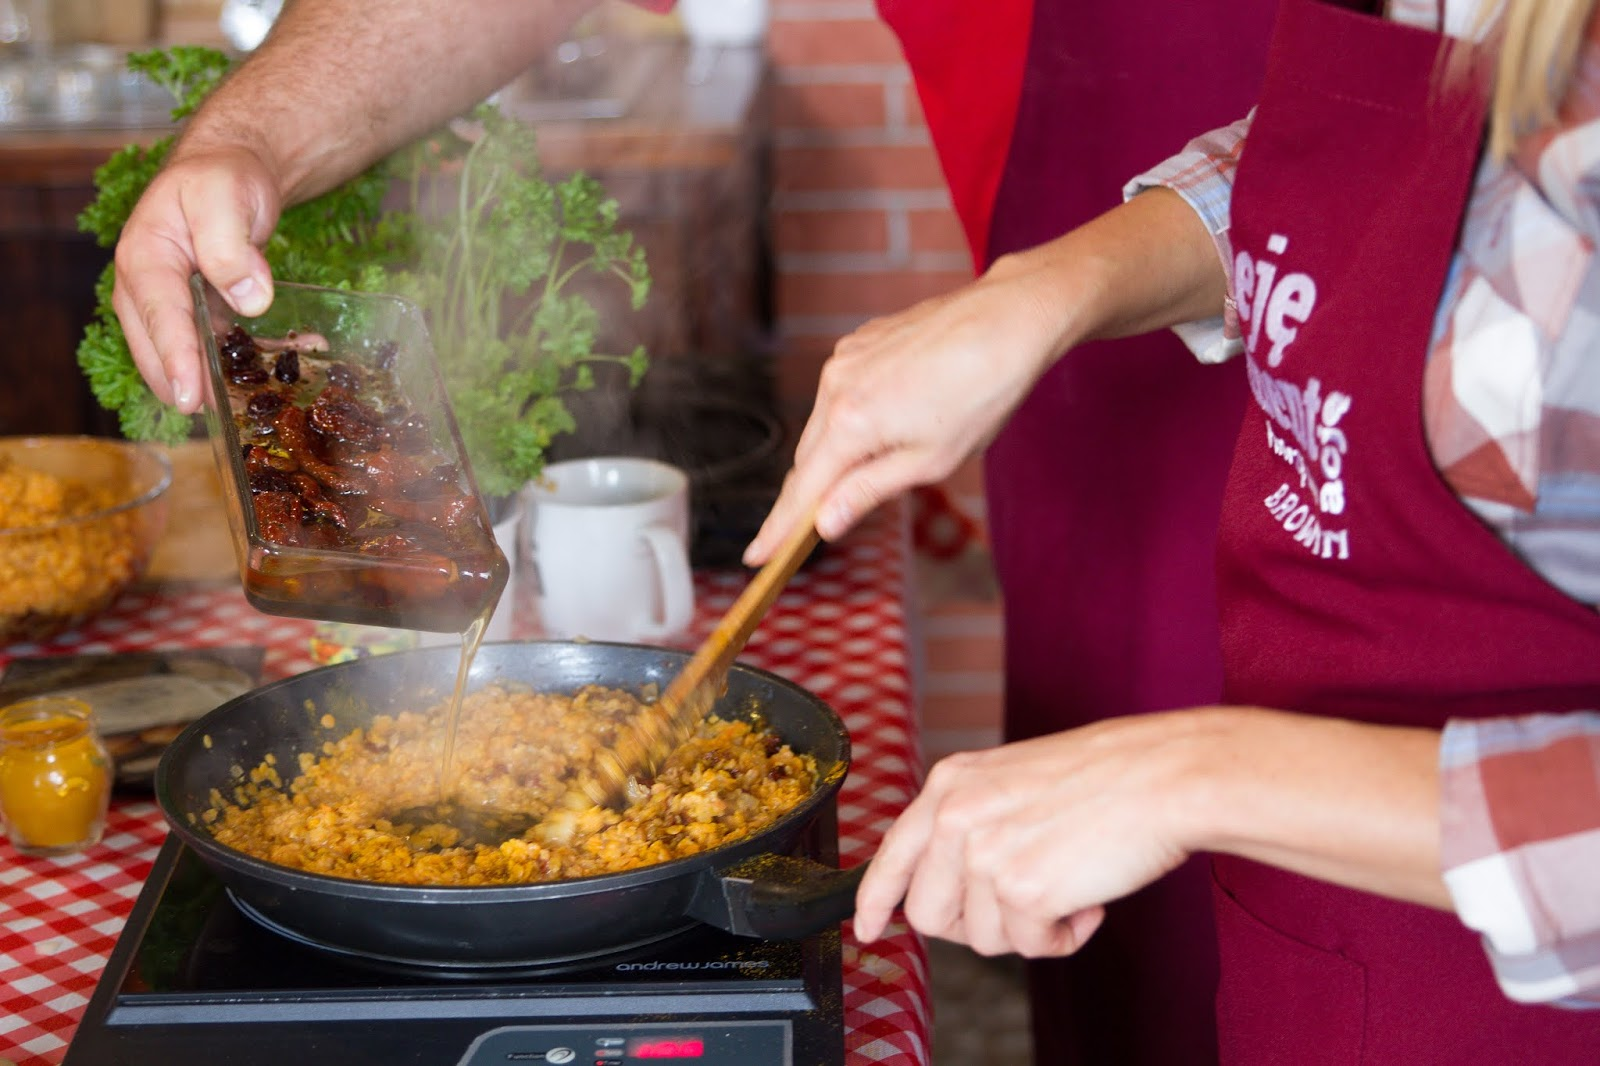 pasta z czerwonej soczewicy przepis jak zrobić pastę przepis na pasty kanapkowe soczewica co zrobić z soczewicy dodatki kanapki pomysły na śniadanie nietypowe dodatki do kanapek salsa